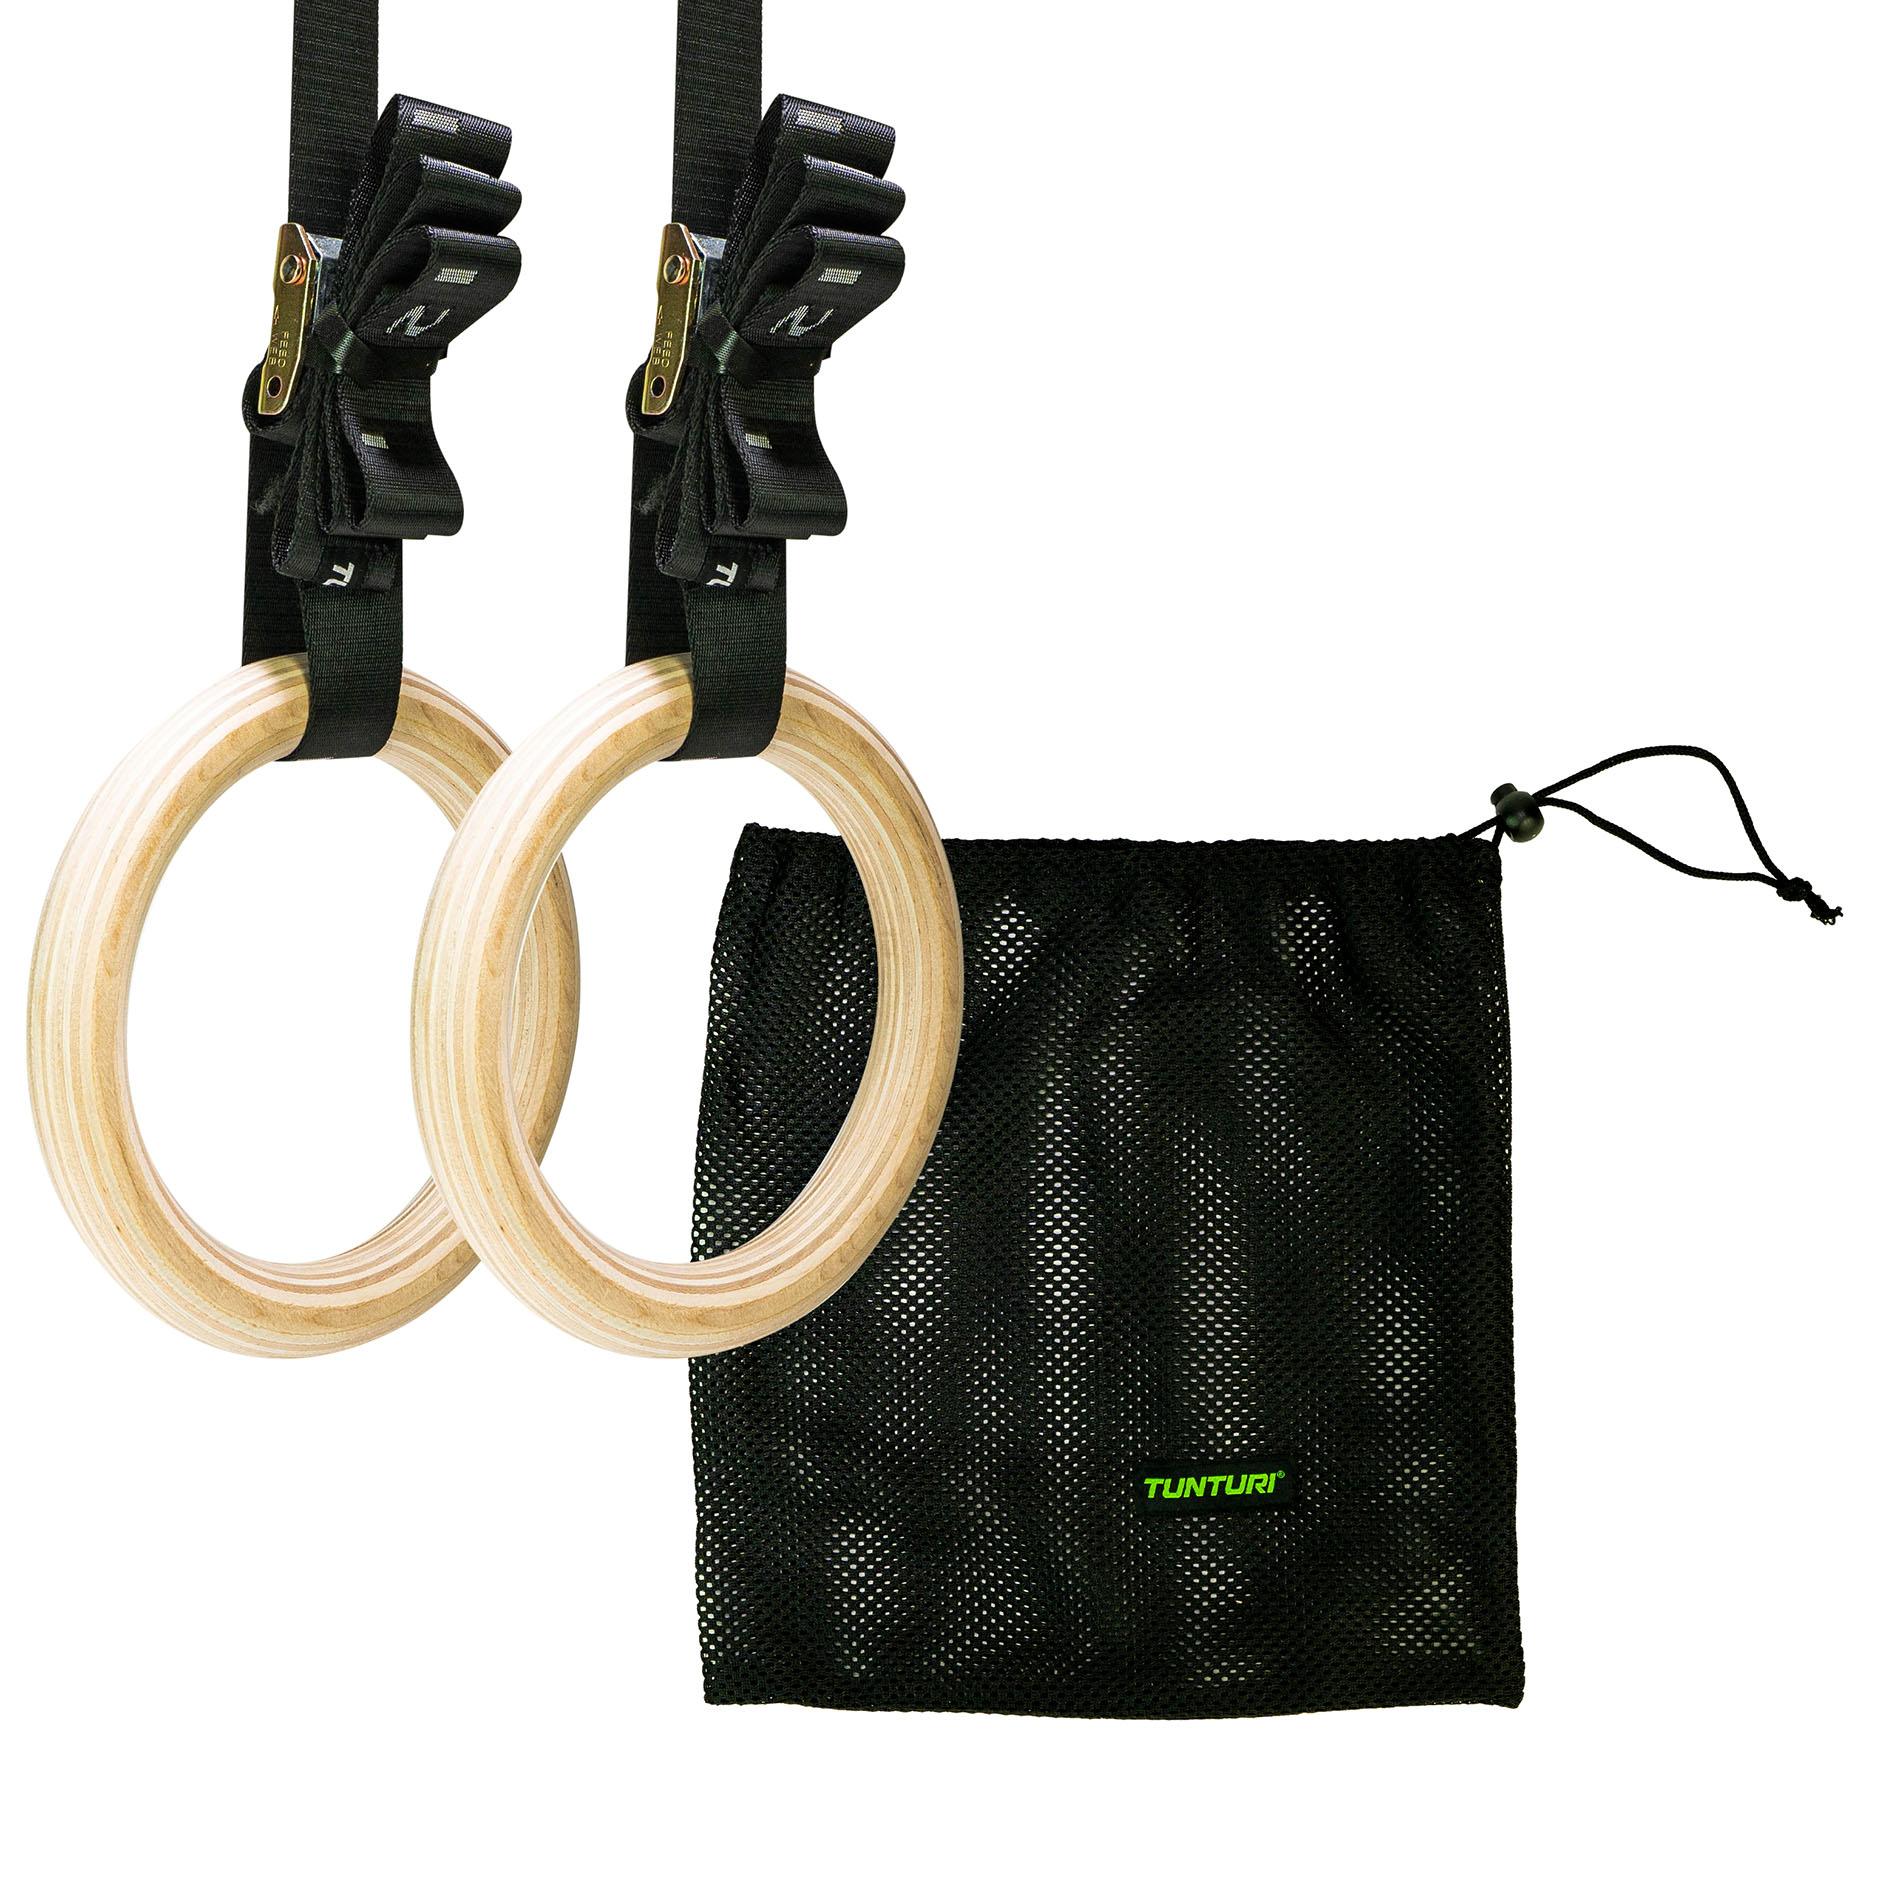 Gymnastic rings hout - 32mm diameter - inclusief riem